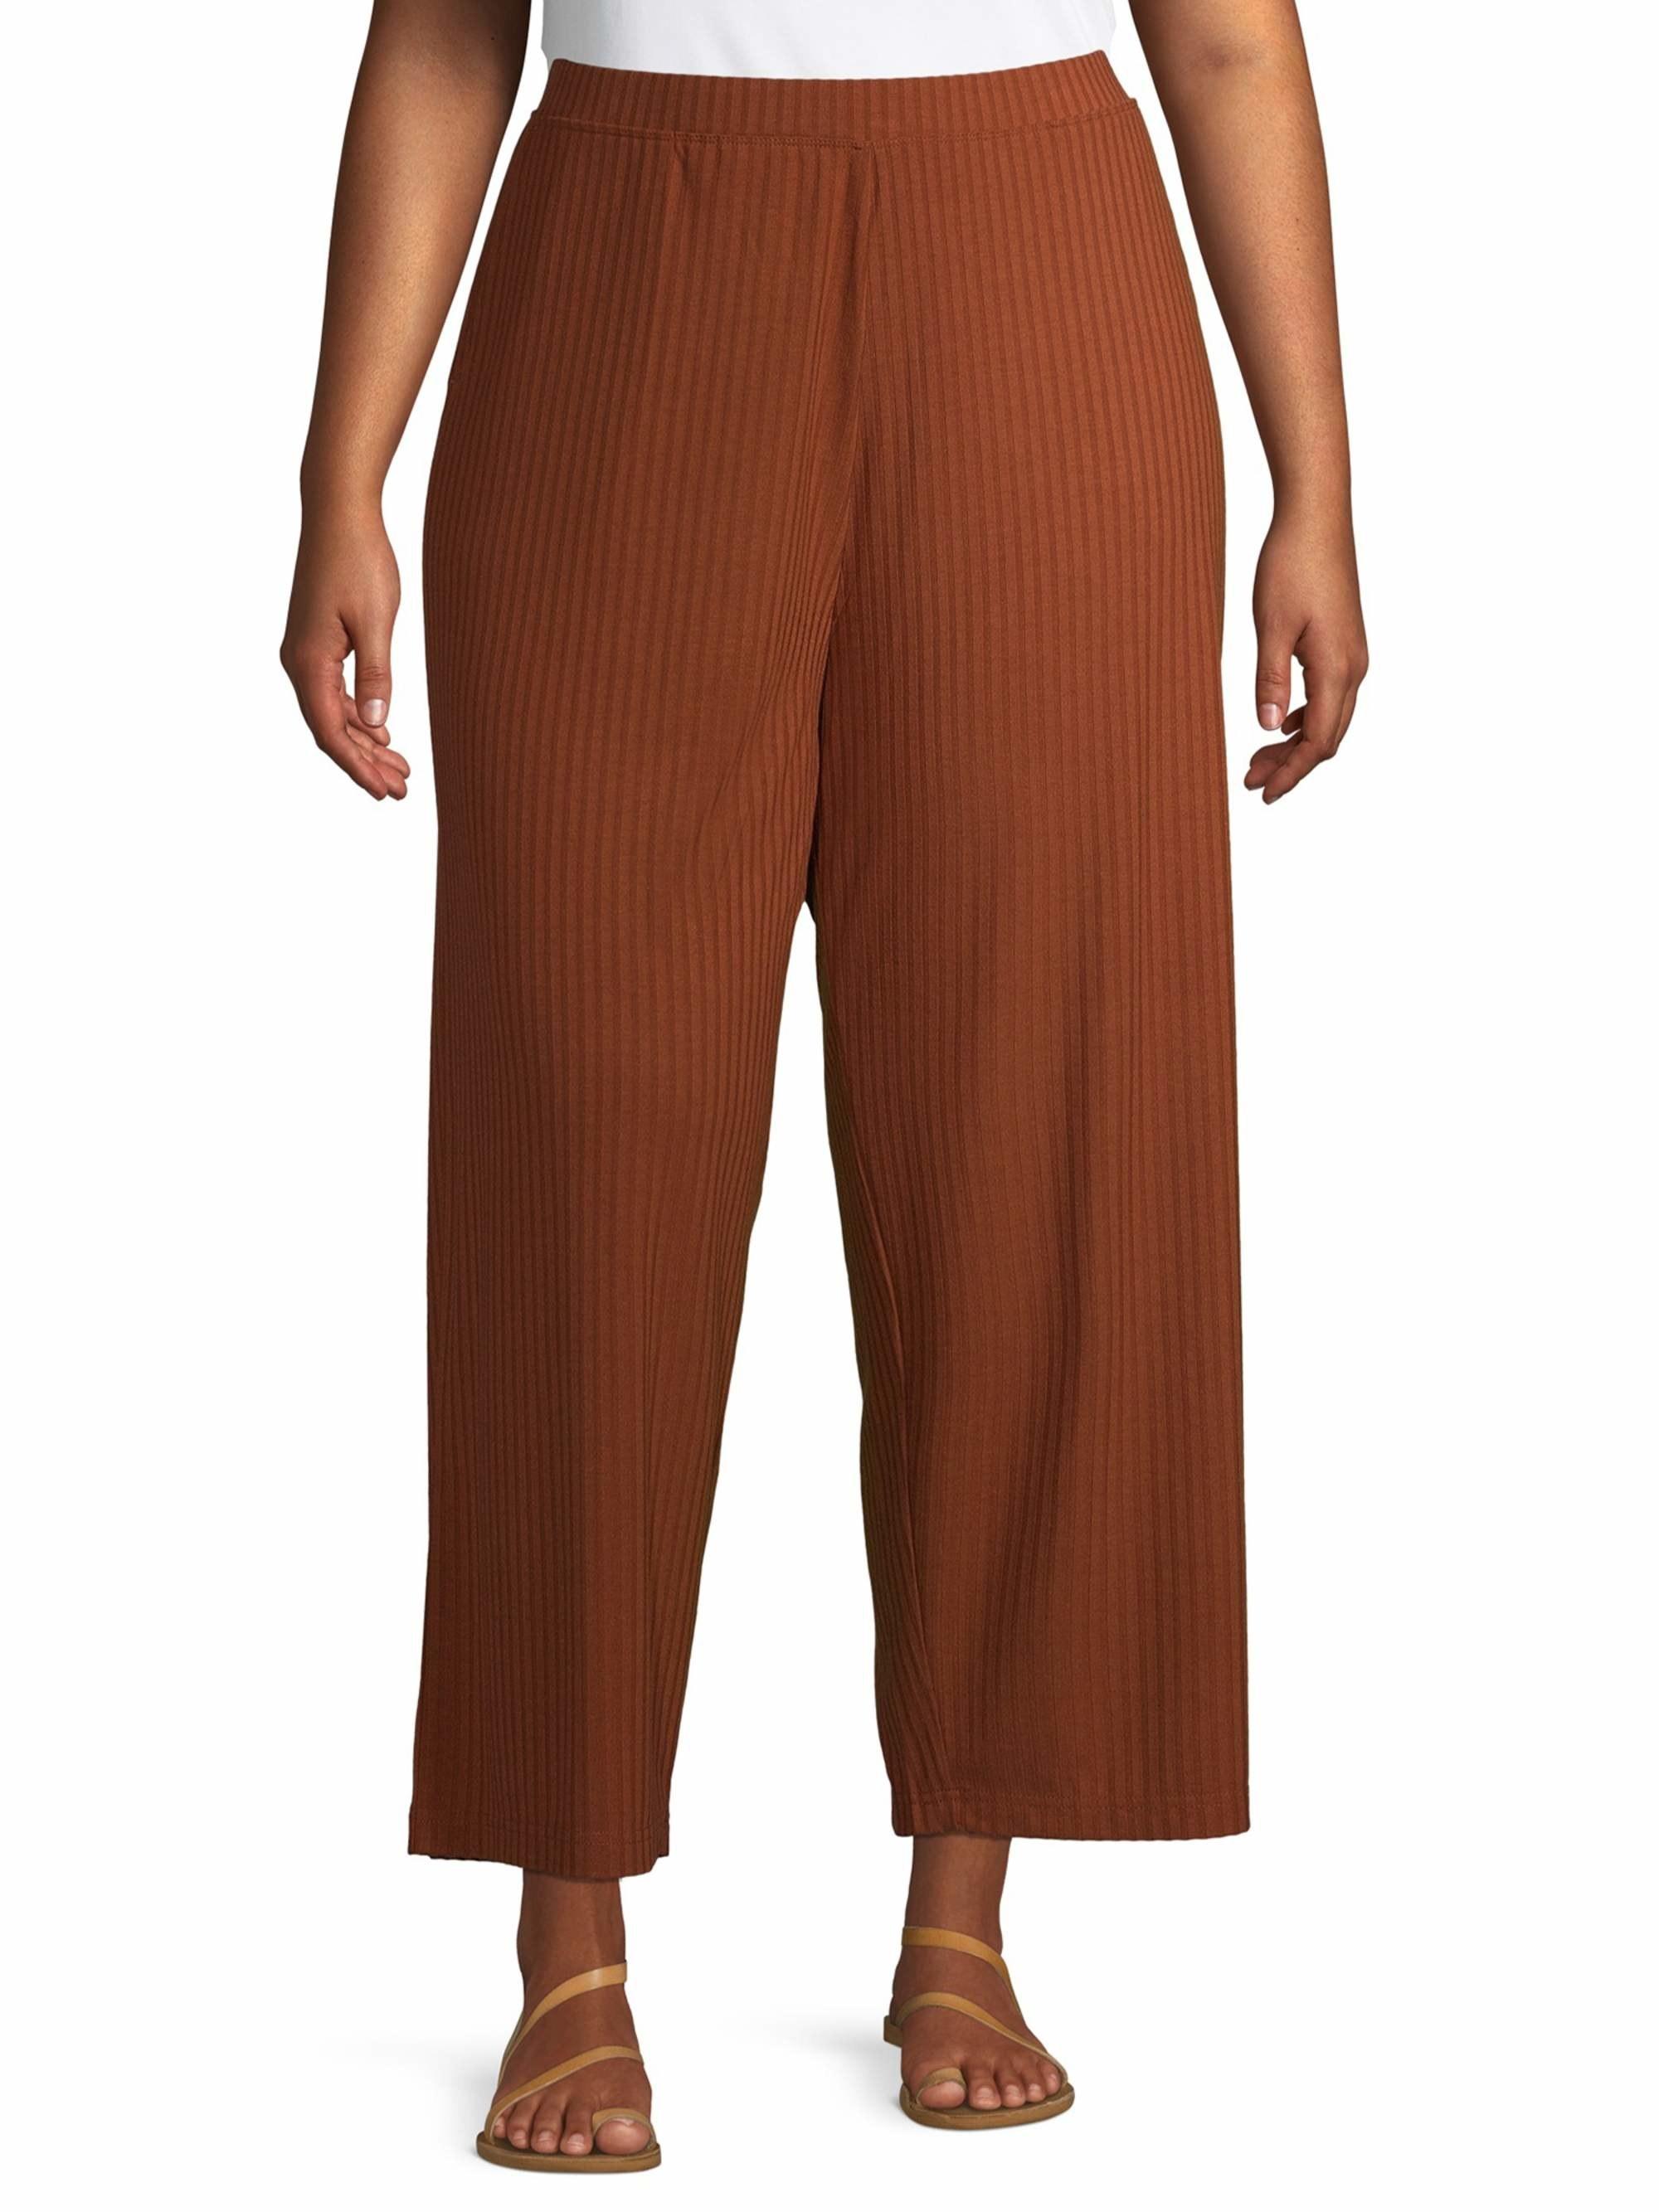 Model wears the culotte-style pants